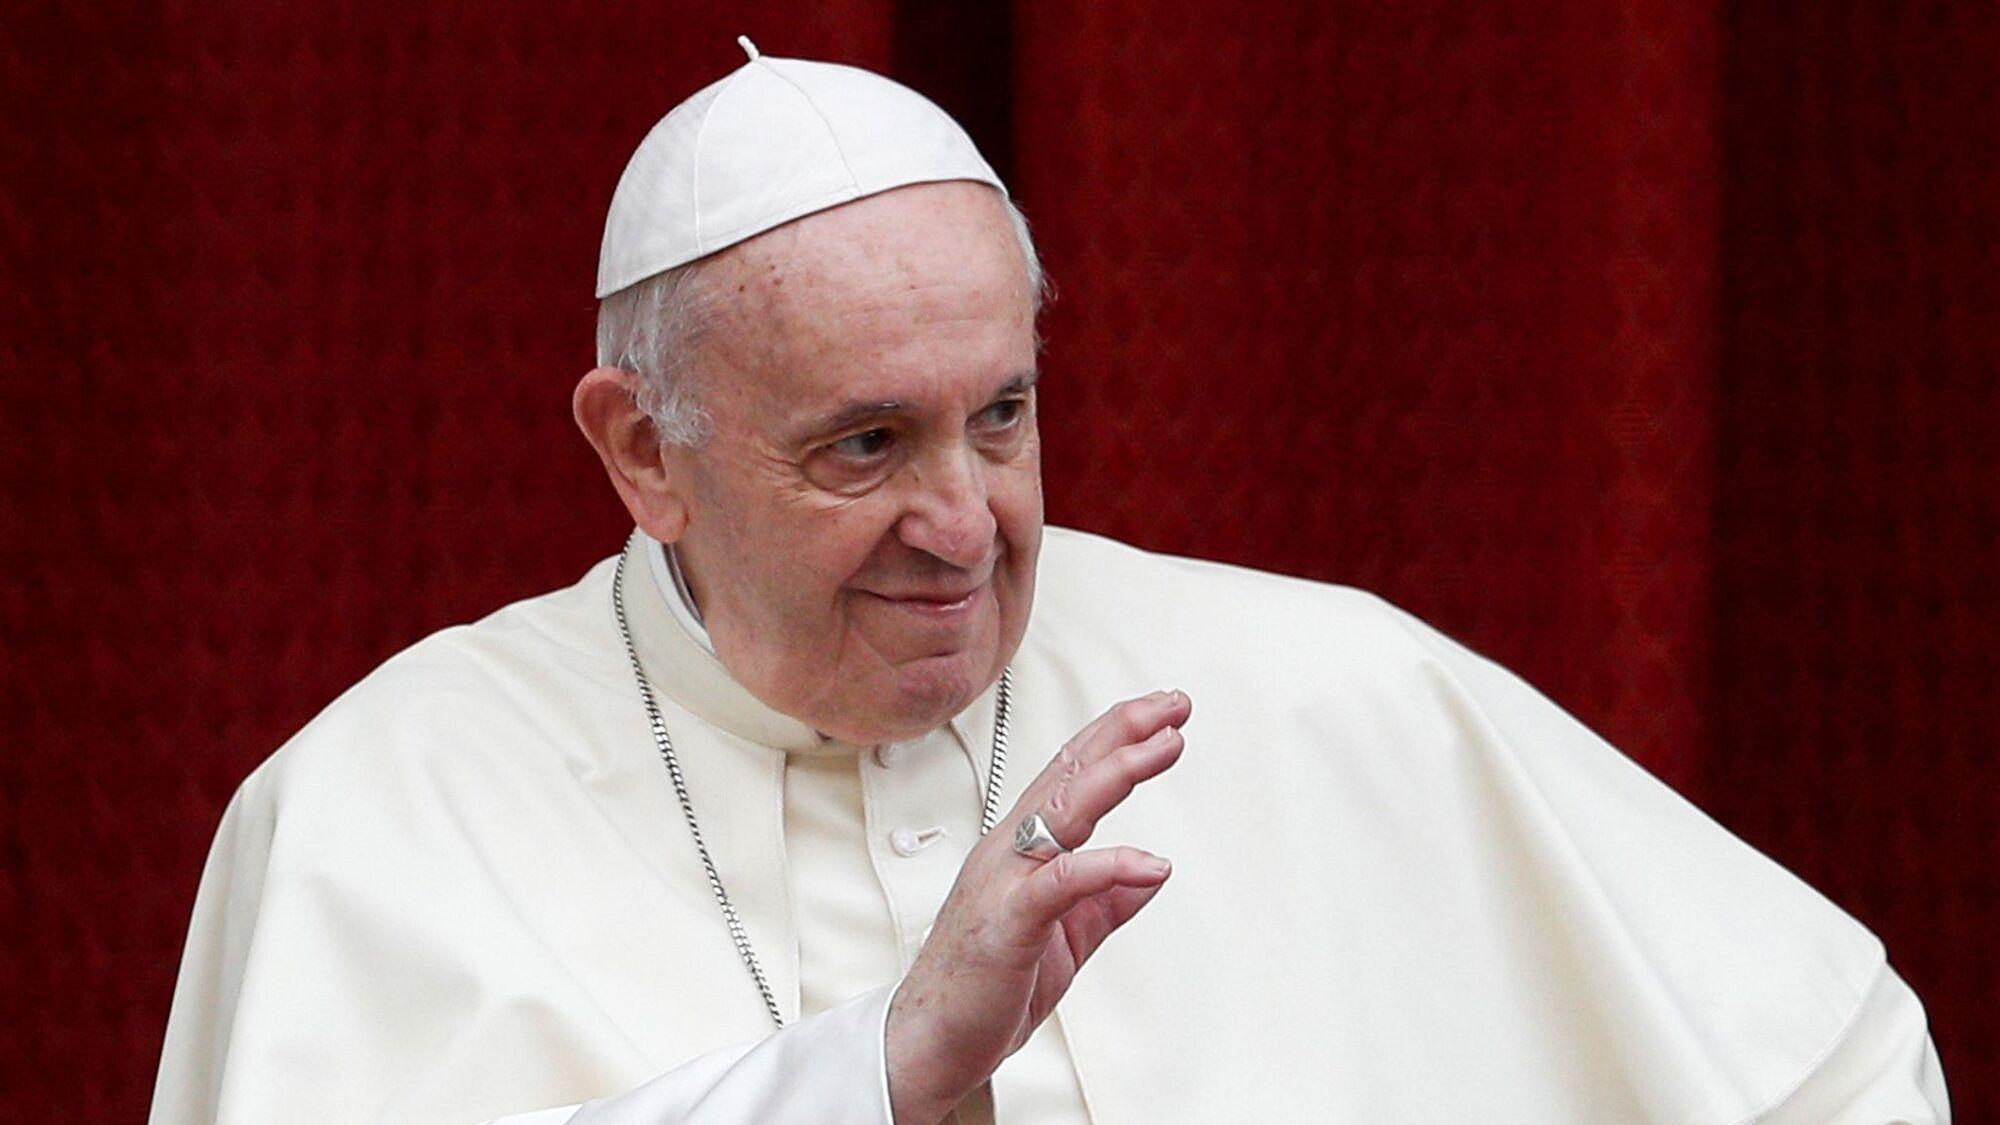 Папа Франциск рассказал, для чего нужен секс.